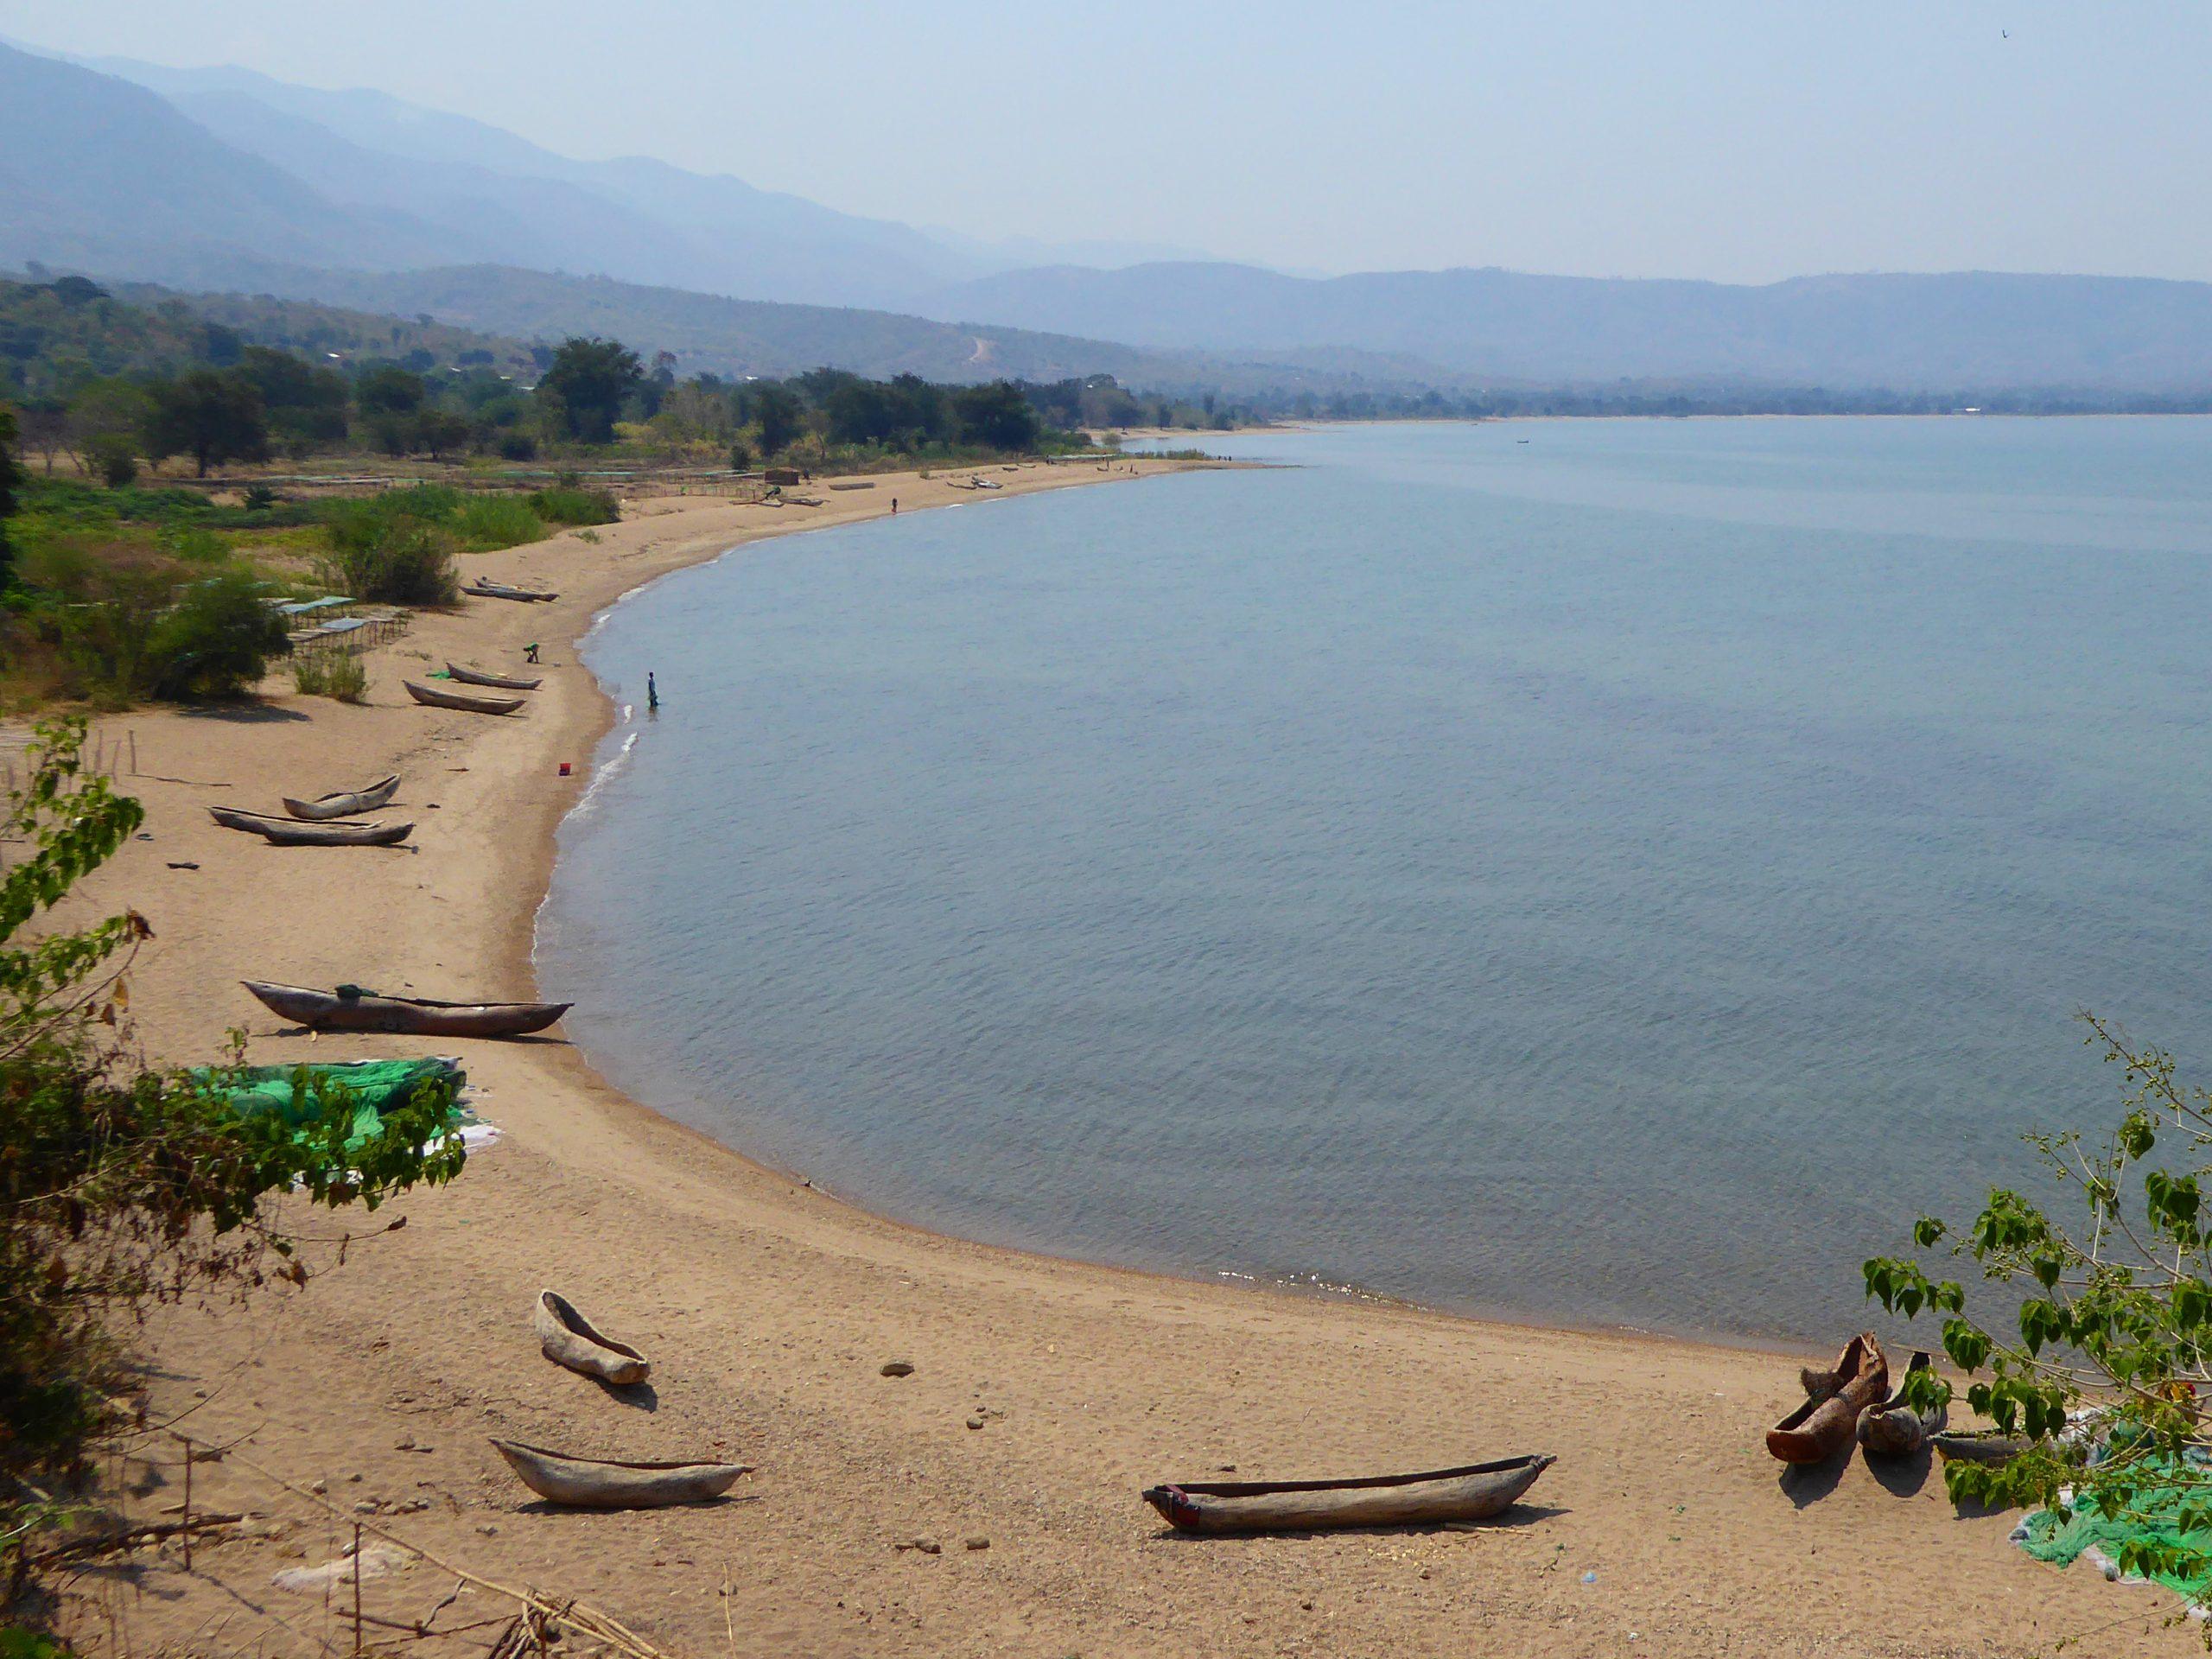 Radreise Afrika 2014 - Lake Malawi